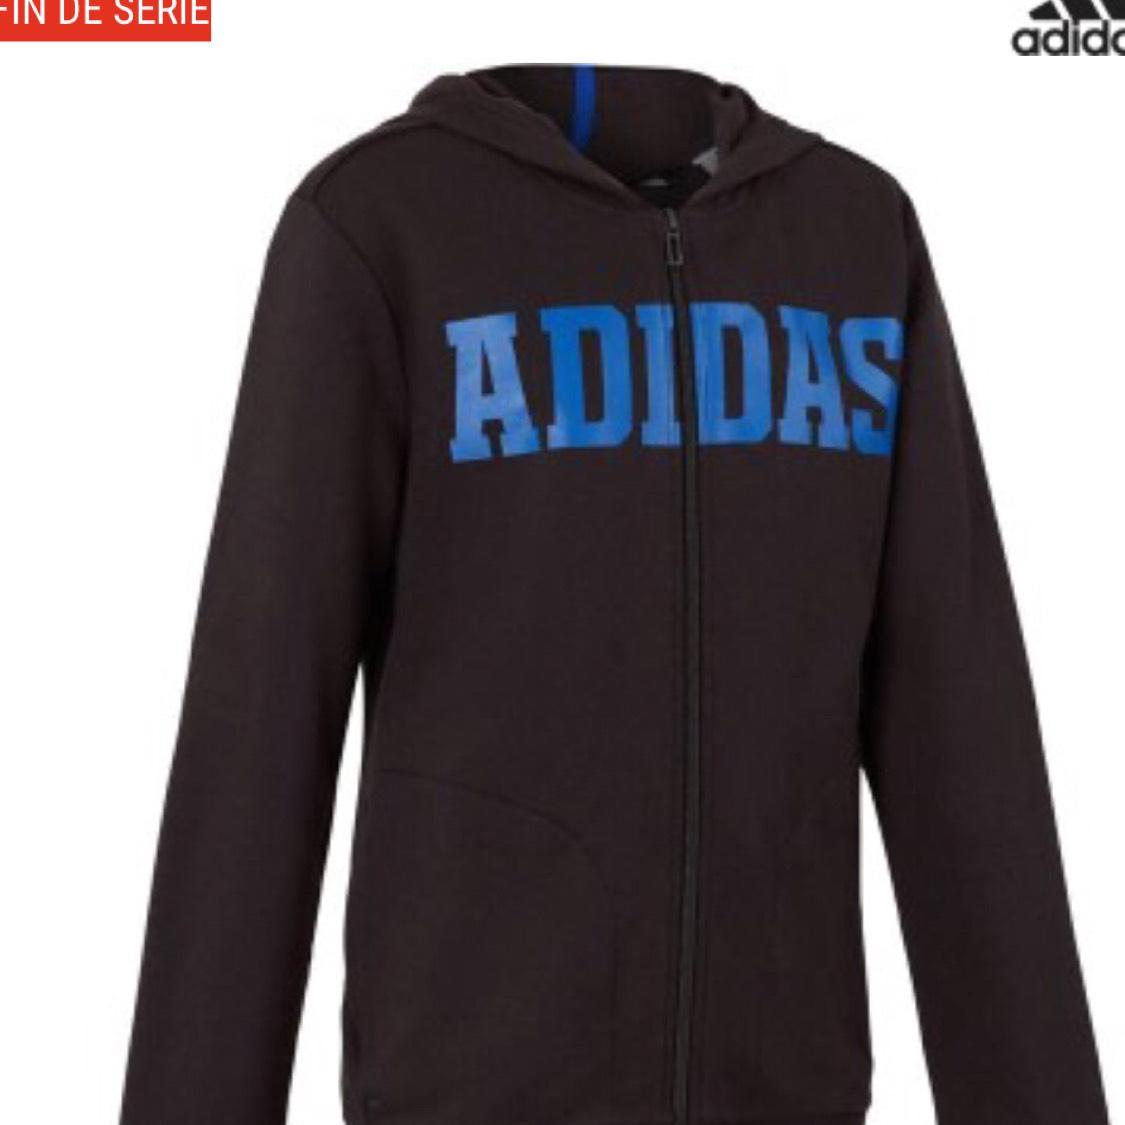 Veste à capuche enfant Adidas - Noir/Bleu